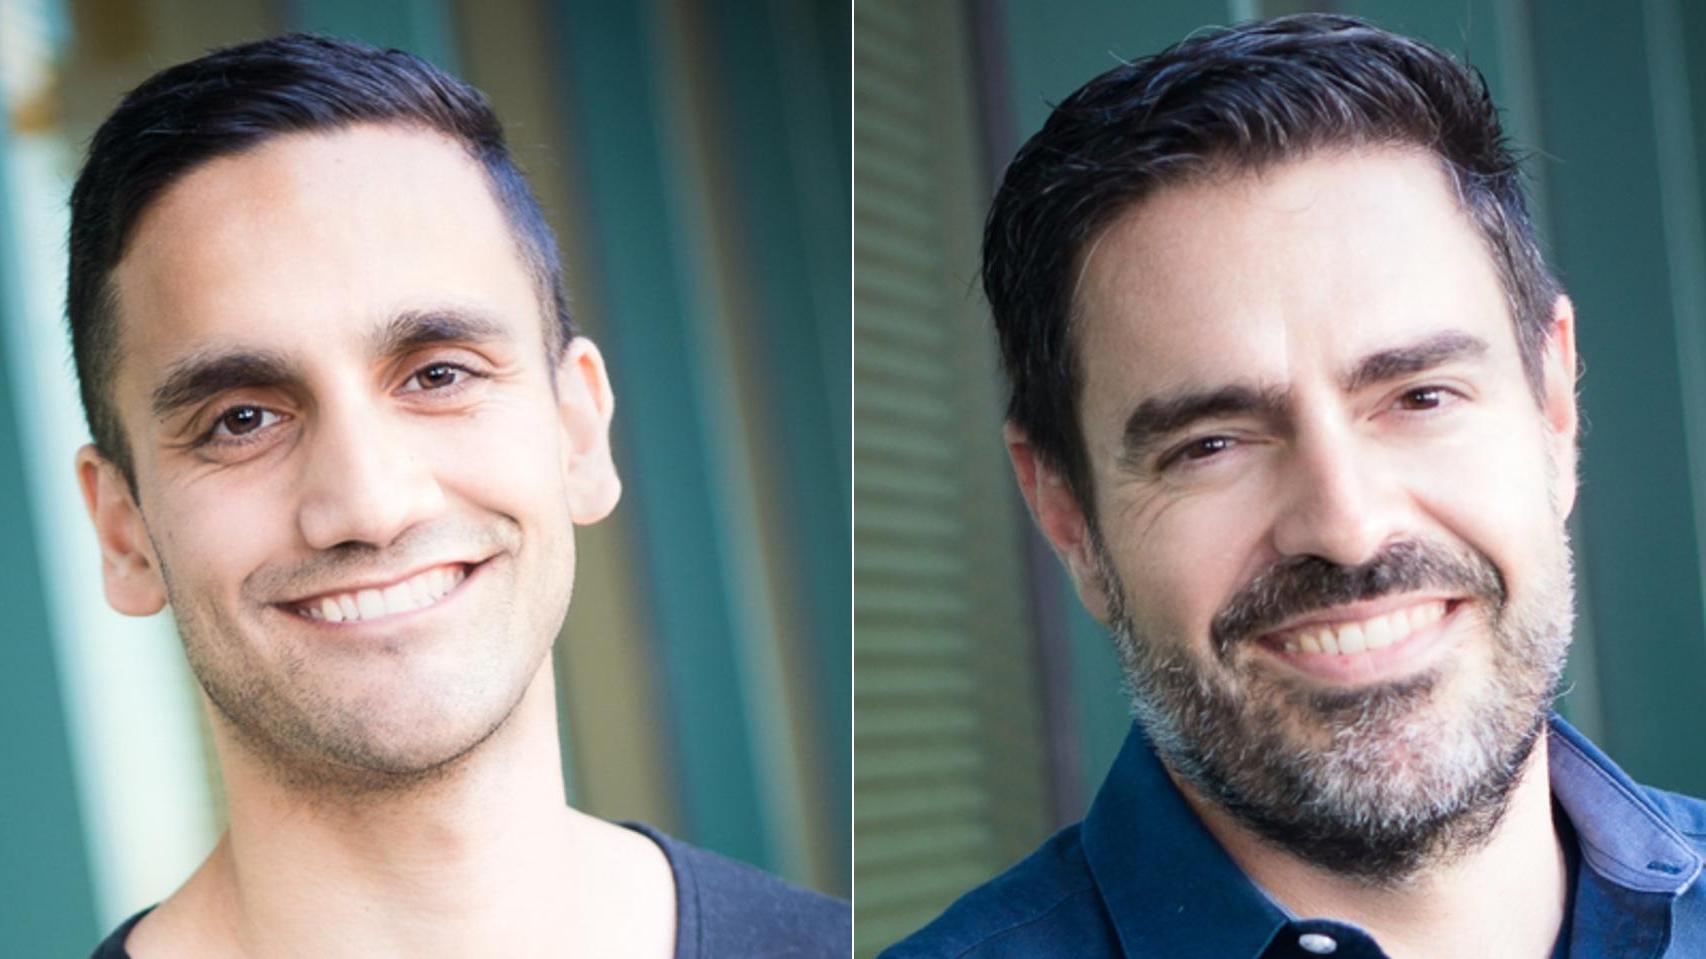 Cureai cofounders Neal Khosla (L) and Xavier Amatriain (R)